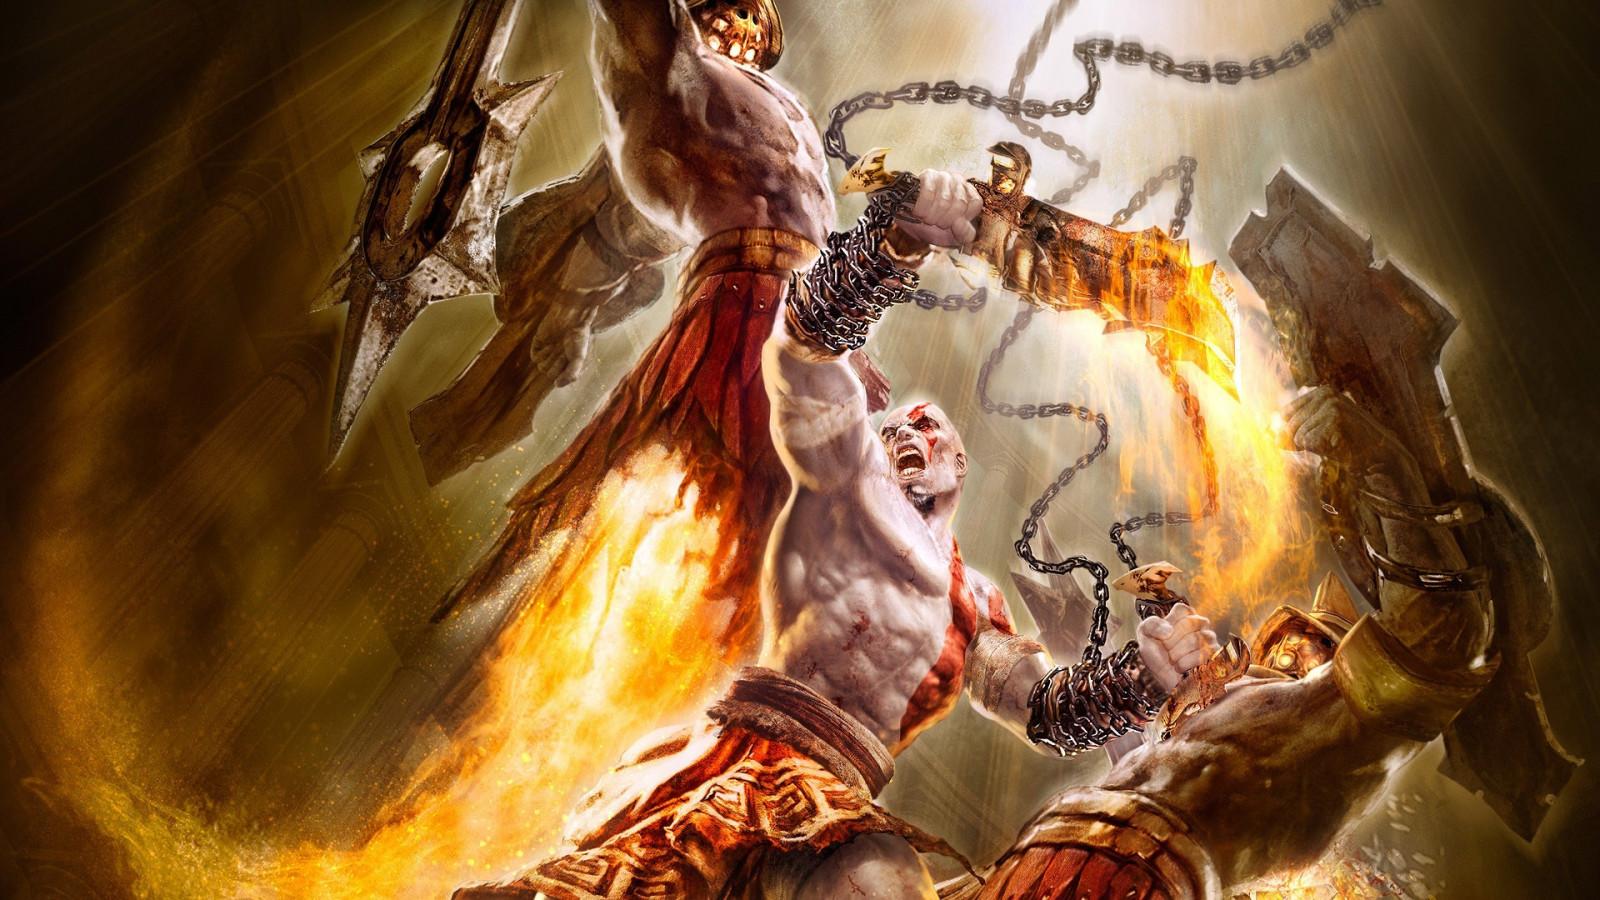 Боги войны картинки оружие — pic 11